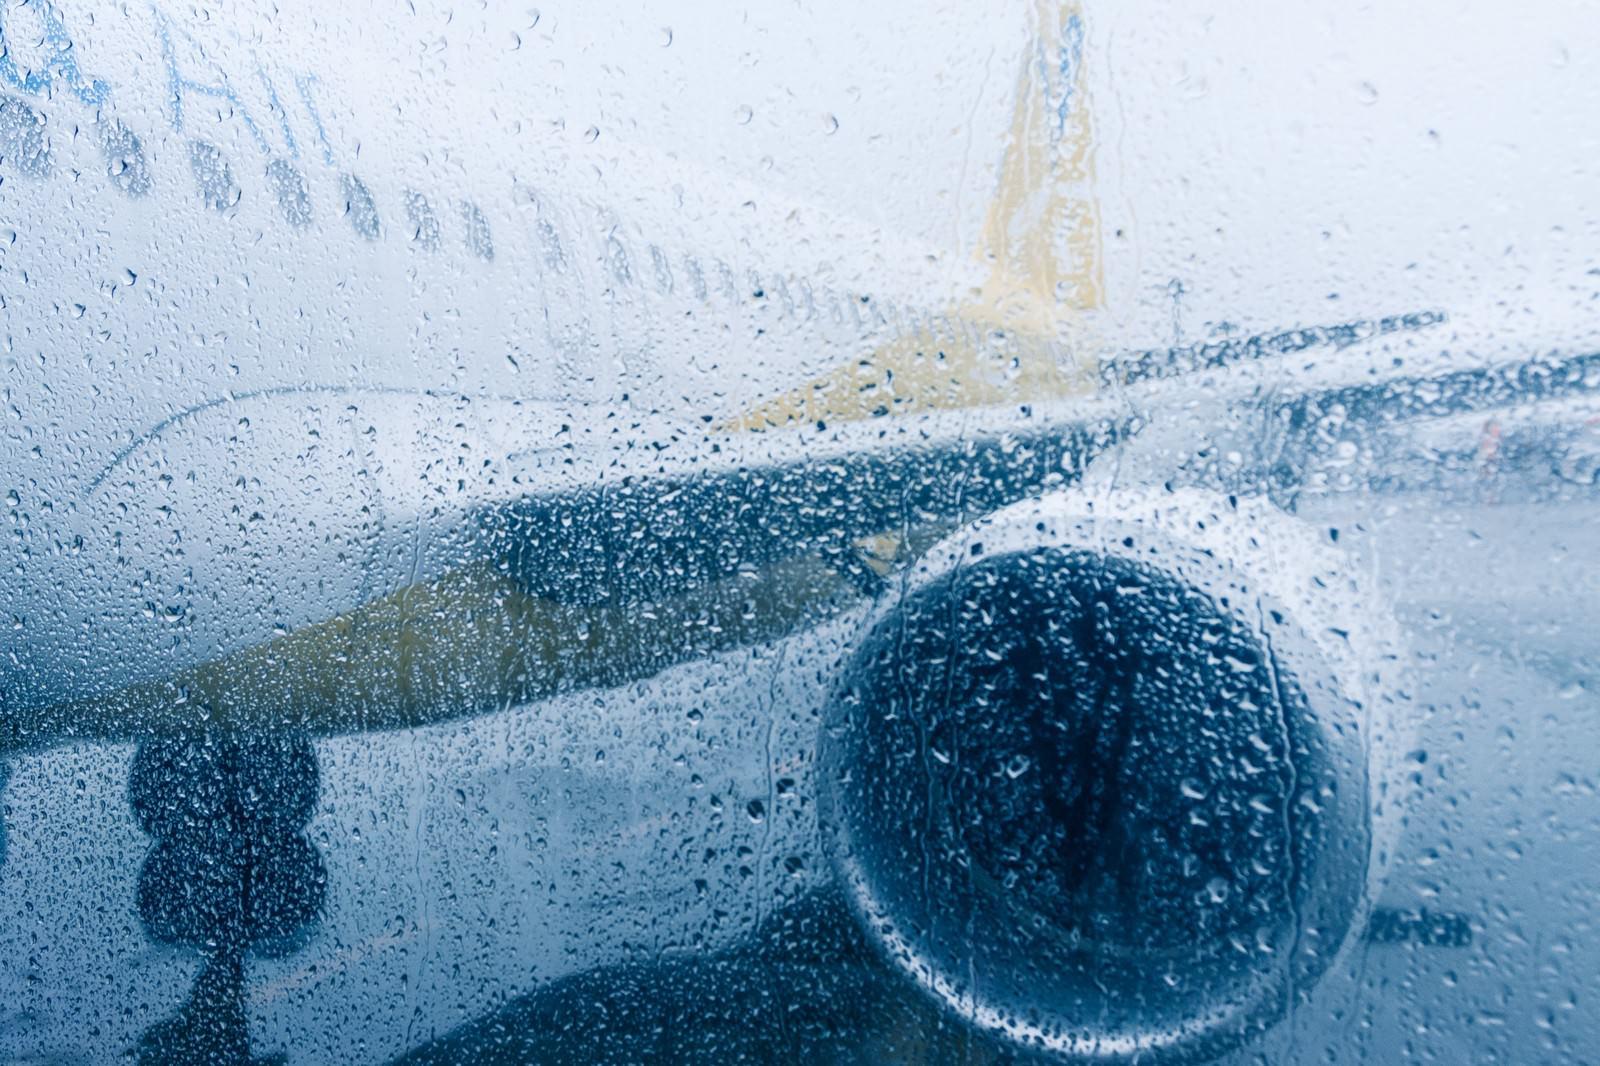 「雨天の出発(旅客機)」の写真